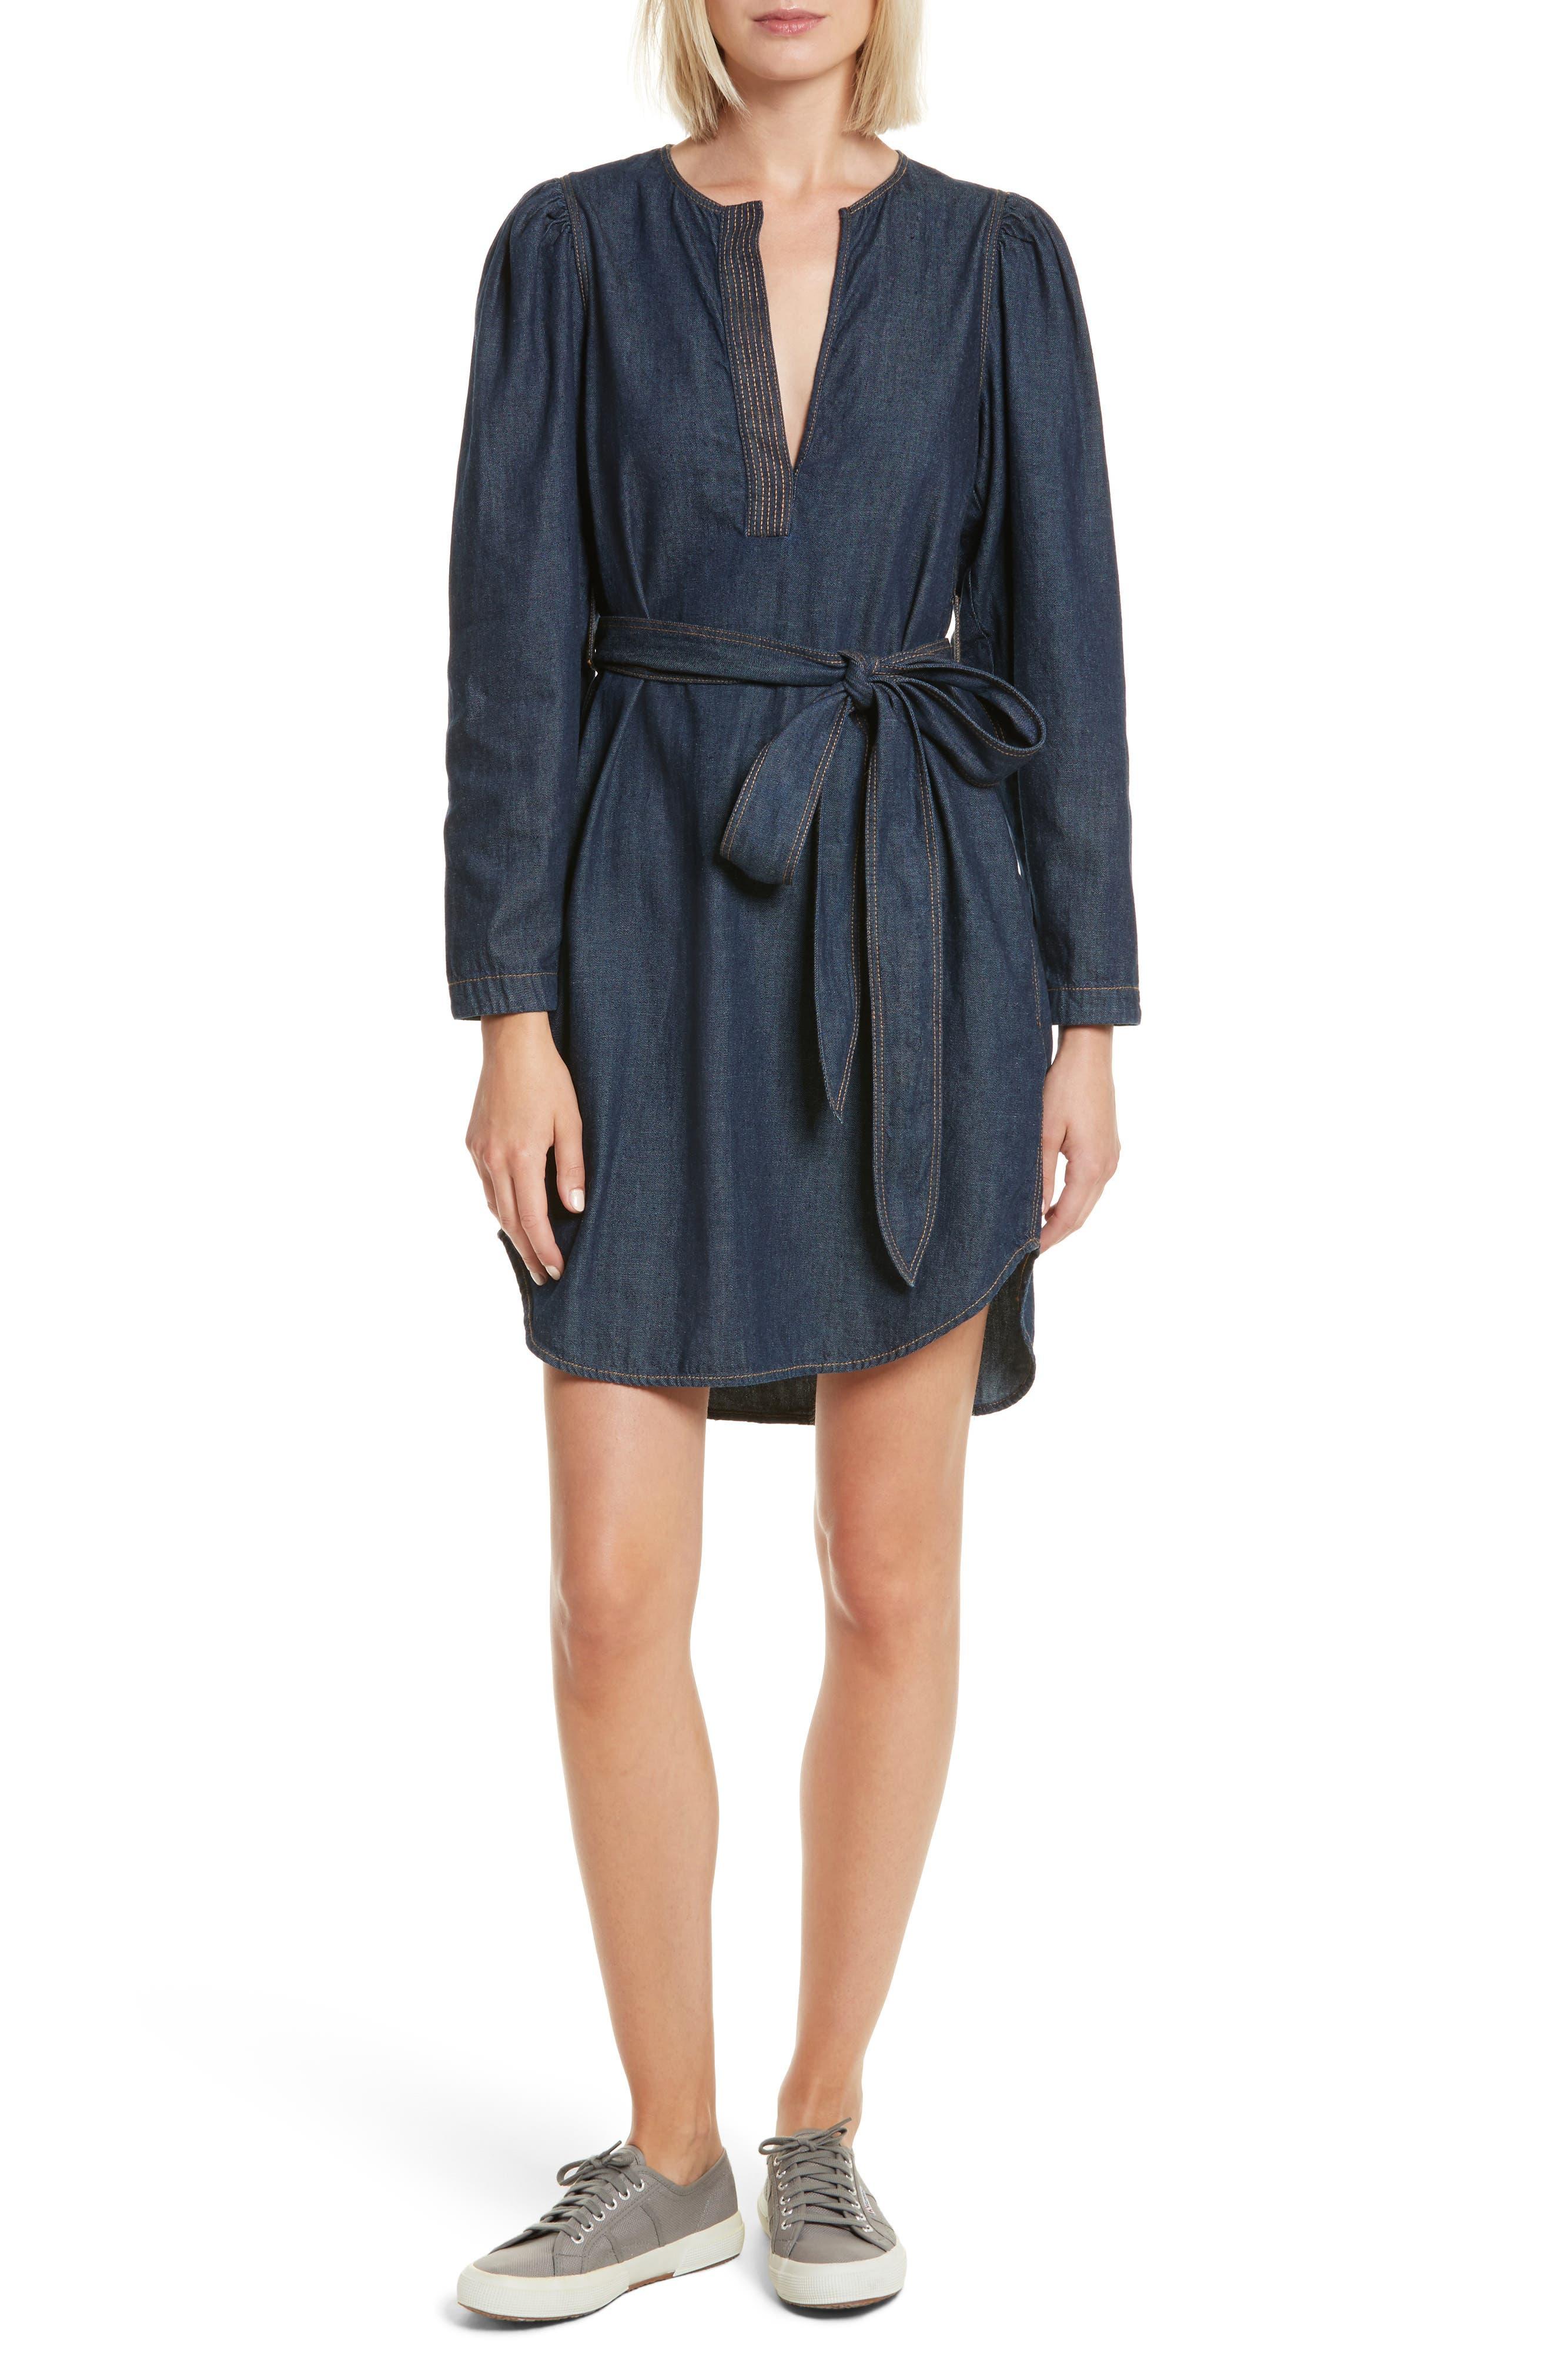 Alternate Image 1 Selected - Rebecca Taylor Belted Denim Dress